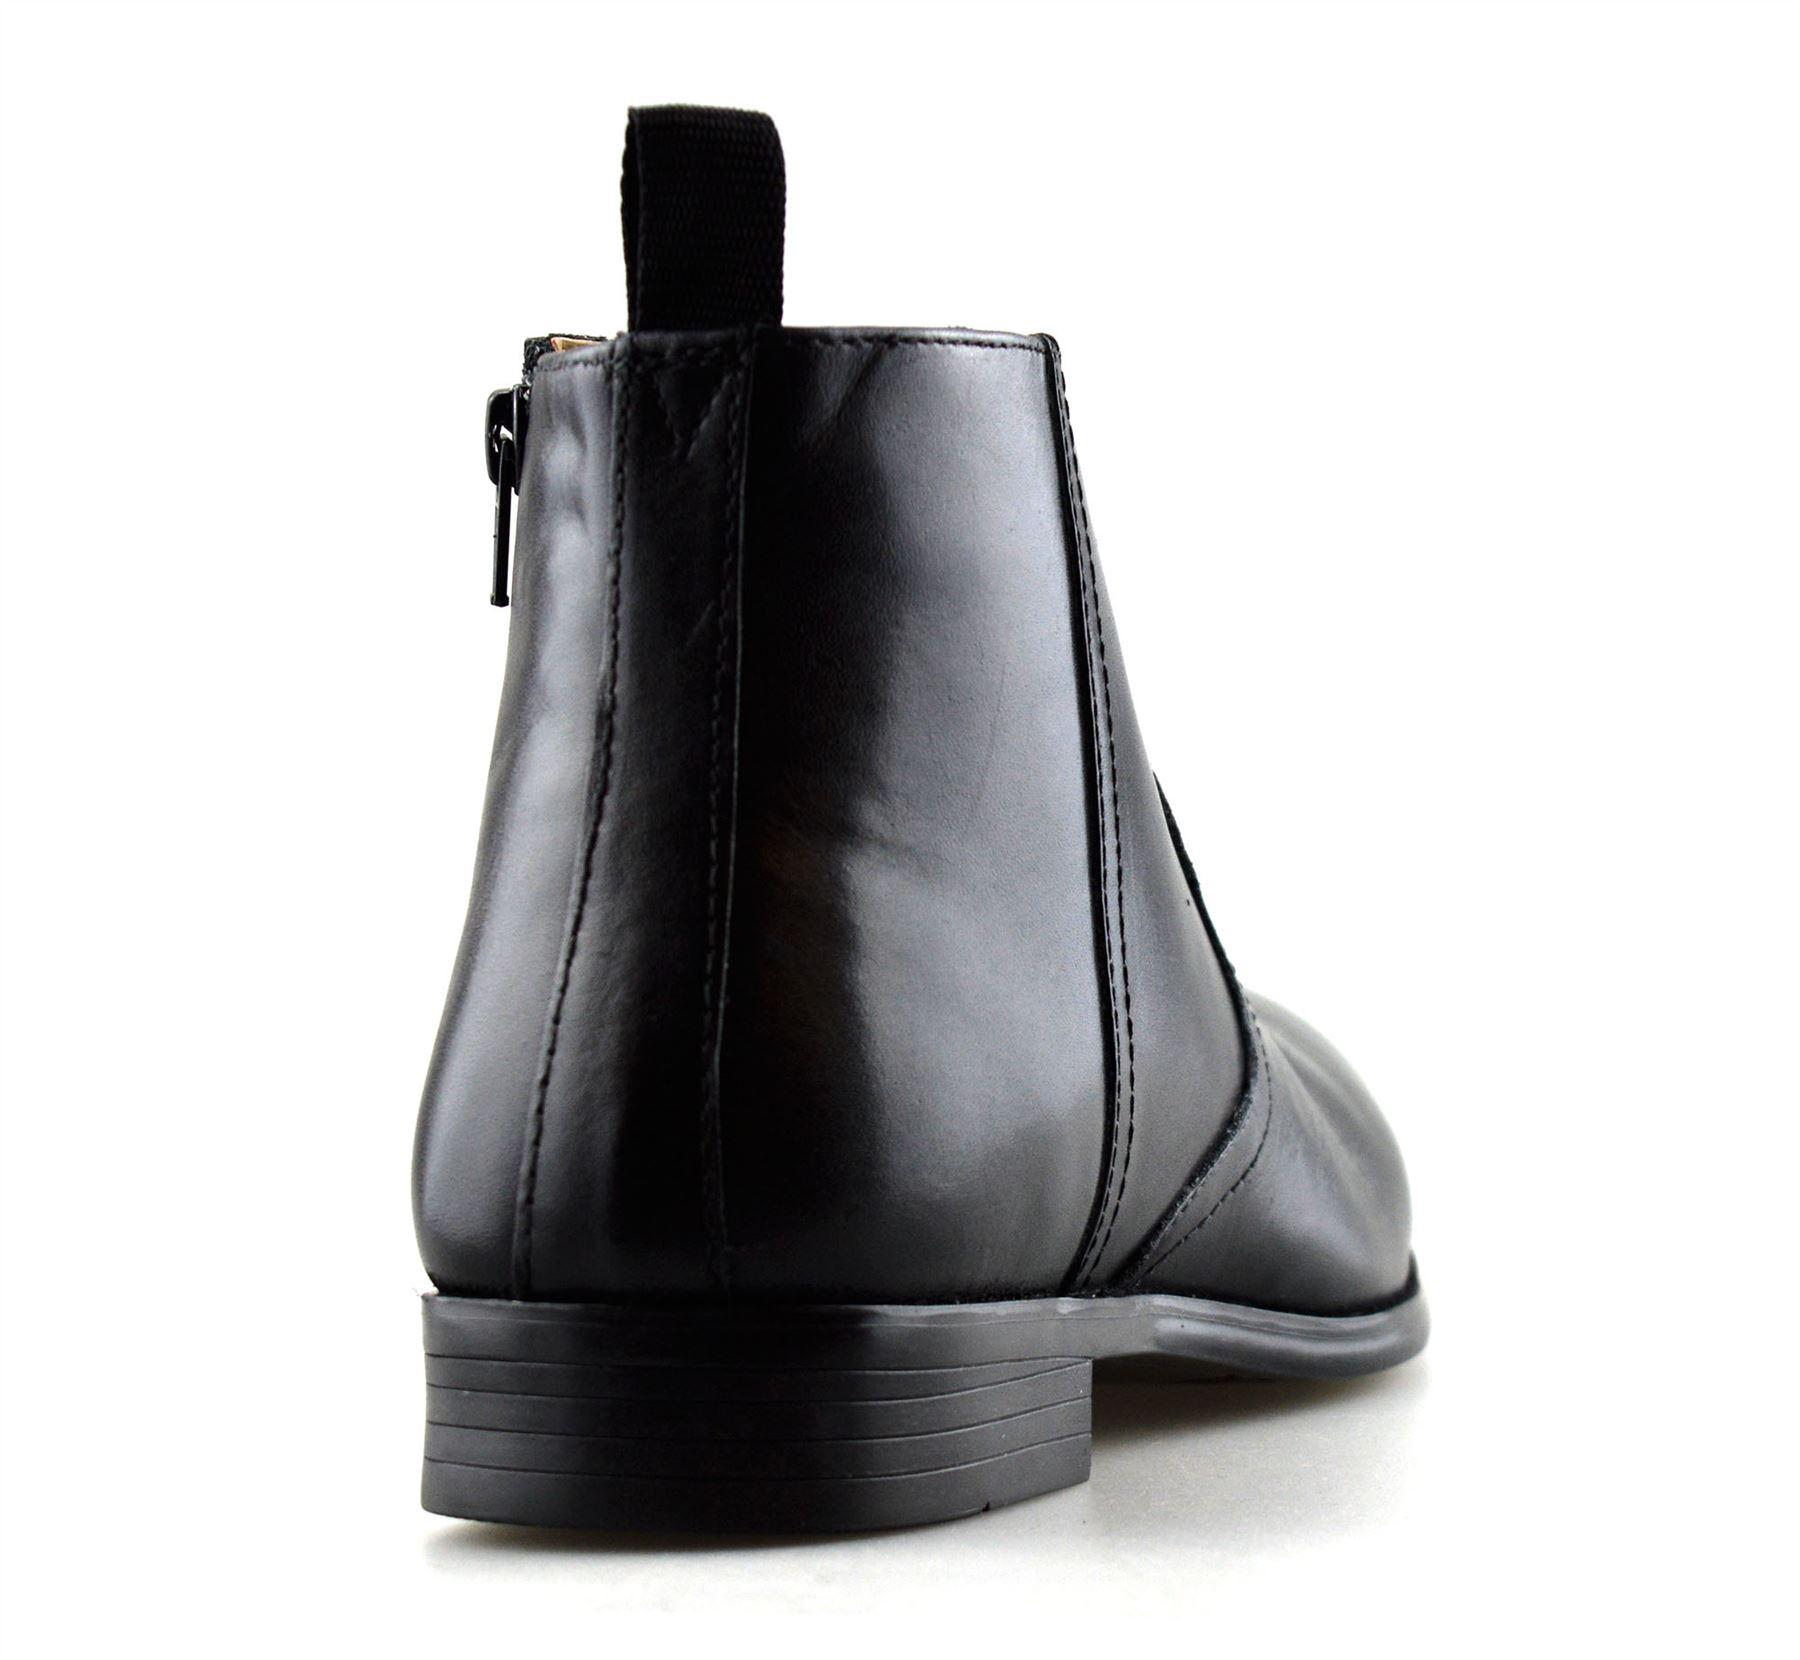 Hombre-Nuevo-Cuero-Cremallera-Formal-Smart-Trabajo-Distribuidor-Chelsea-Botas-al-Tobillo-Zapatos miniatura 13